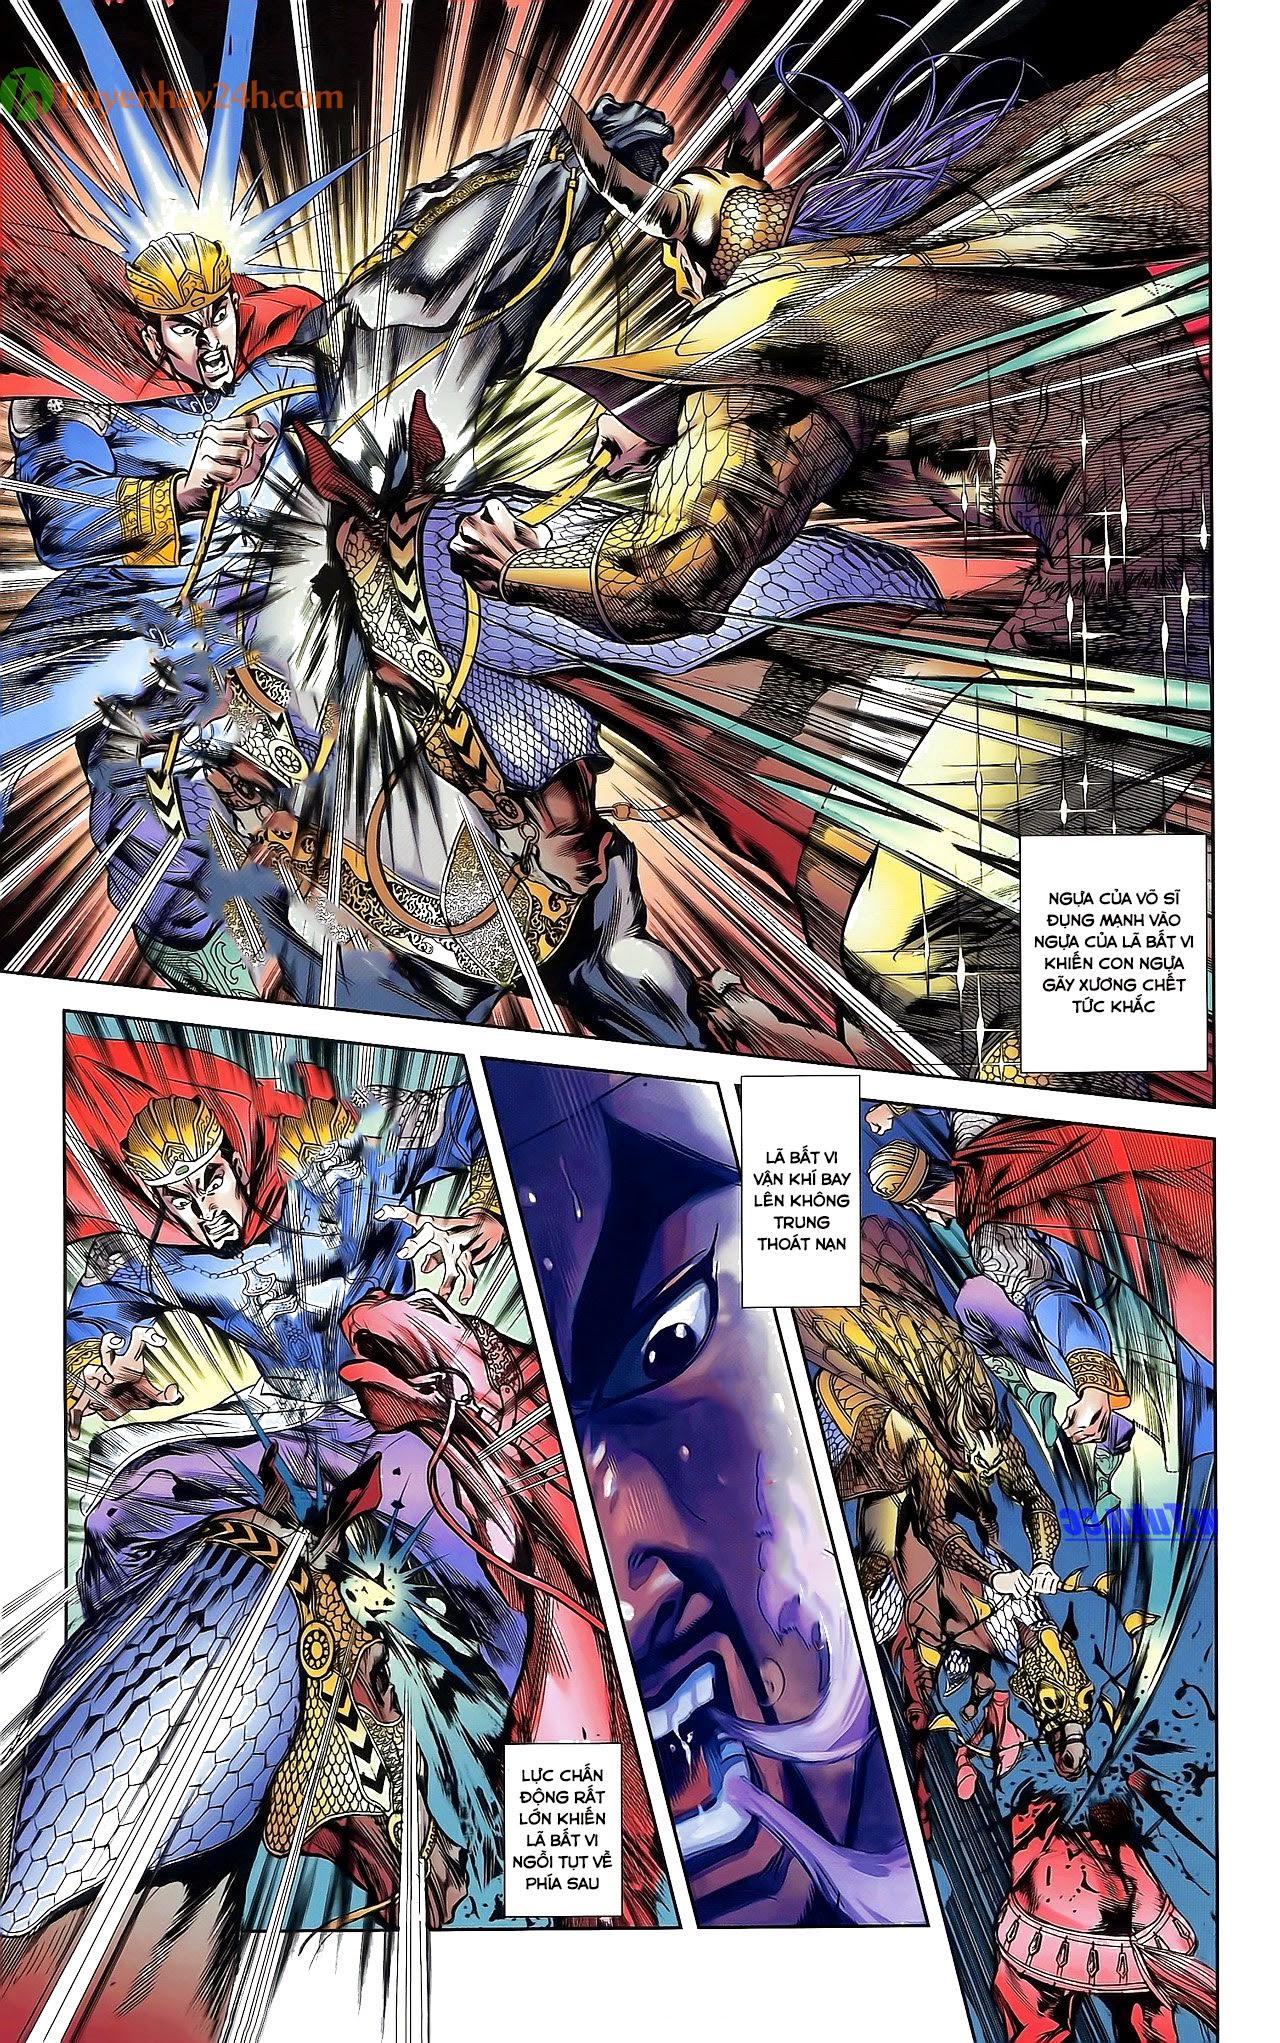 Tần Vương Doanh Chính chapter 31 trang 6